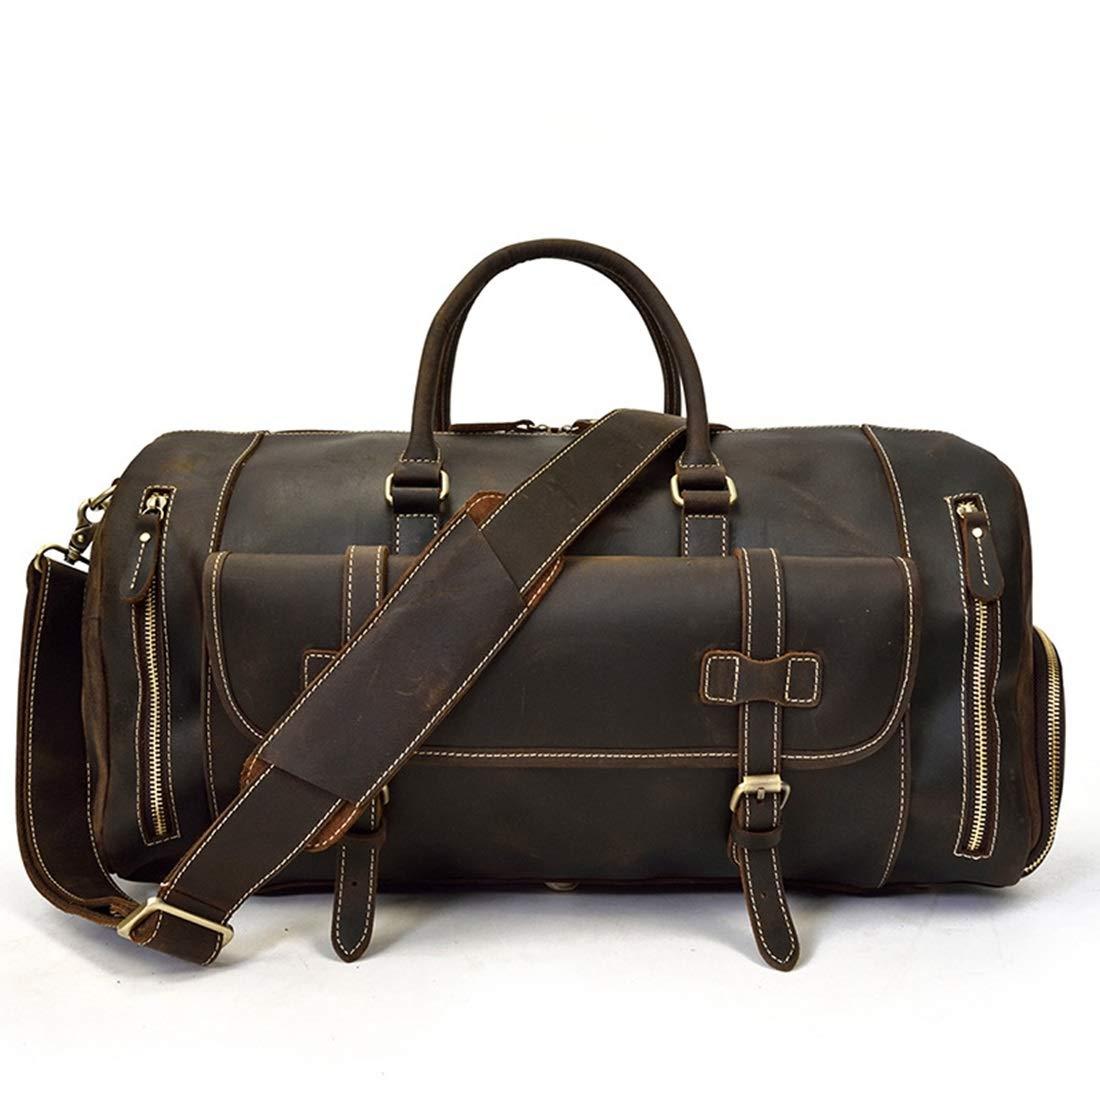 トートバッグ,手提げバッグ 靴の位置牛革荷物バッグとメンズレザートートバッグショルダーメッセンジャーバッグ。 出勤,通学,持ち運び便利 (色 : Dark brown) B07RHM7T6V Dark brown